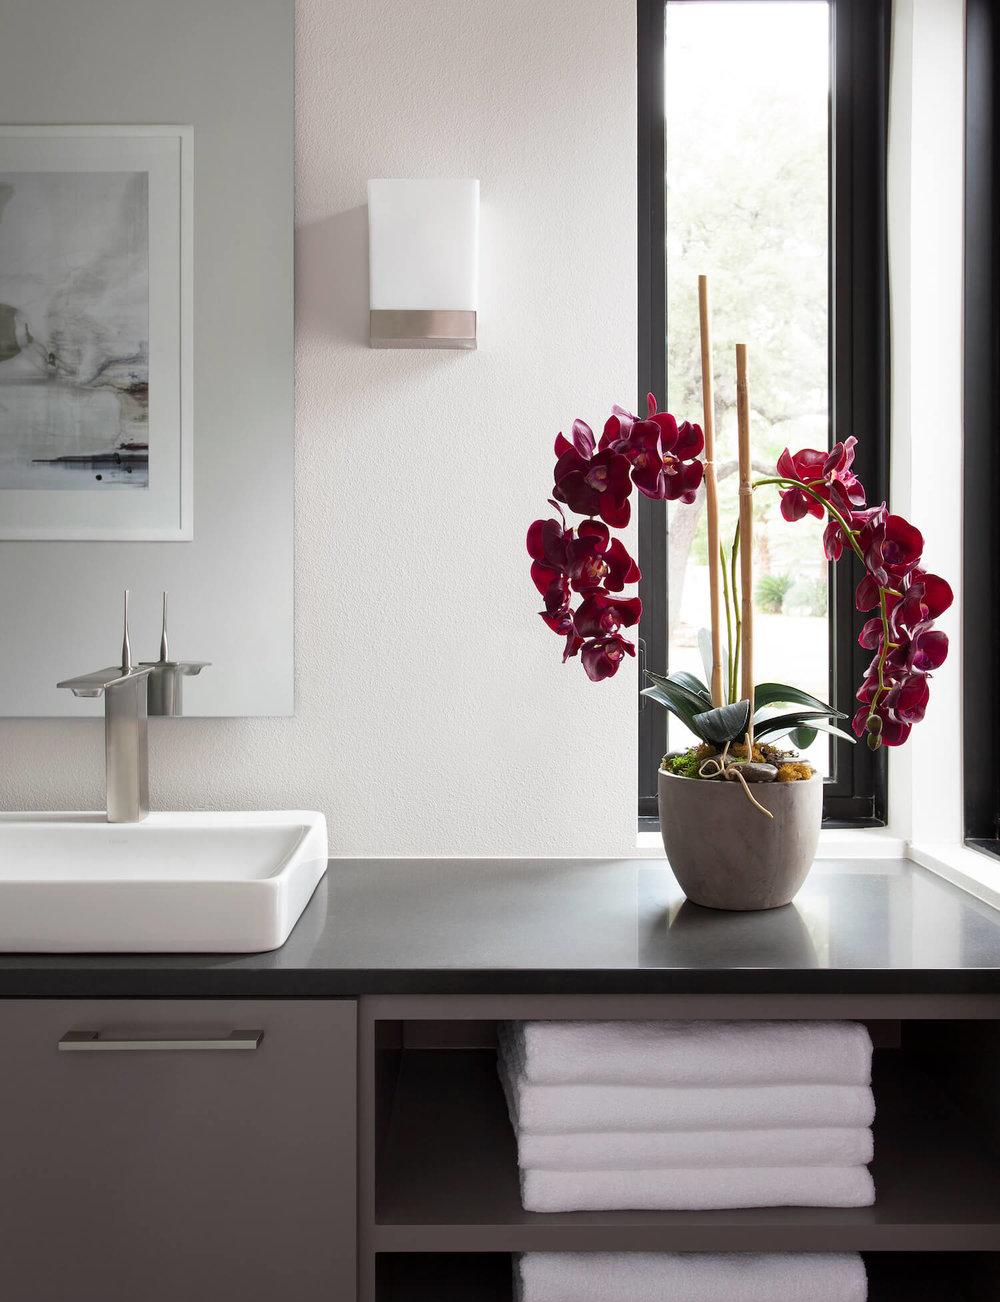 Horseshoe Bay Guest Bathroom | Robin Colton Interior Design Studio Austin Texas | www.robincolton.com